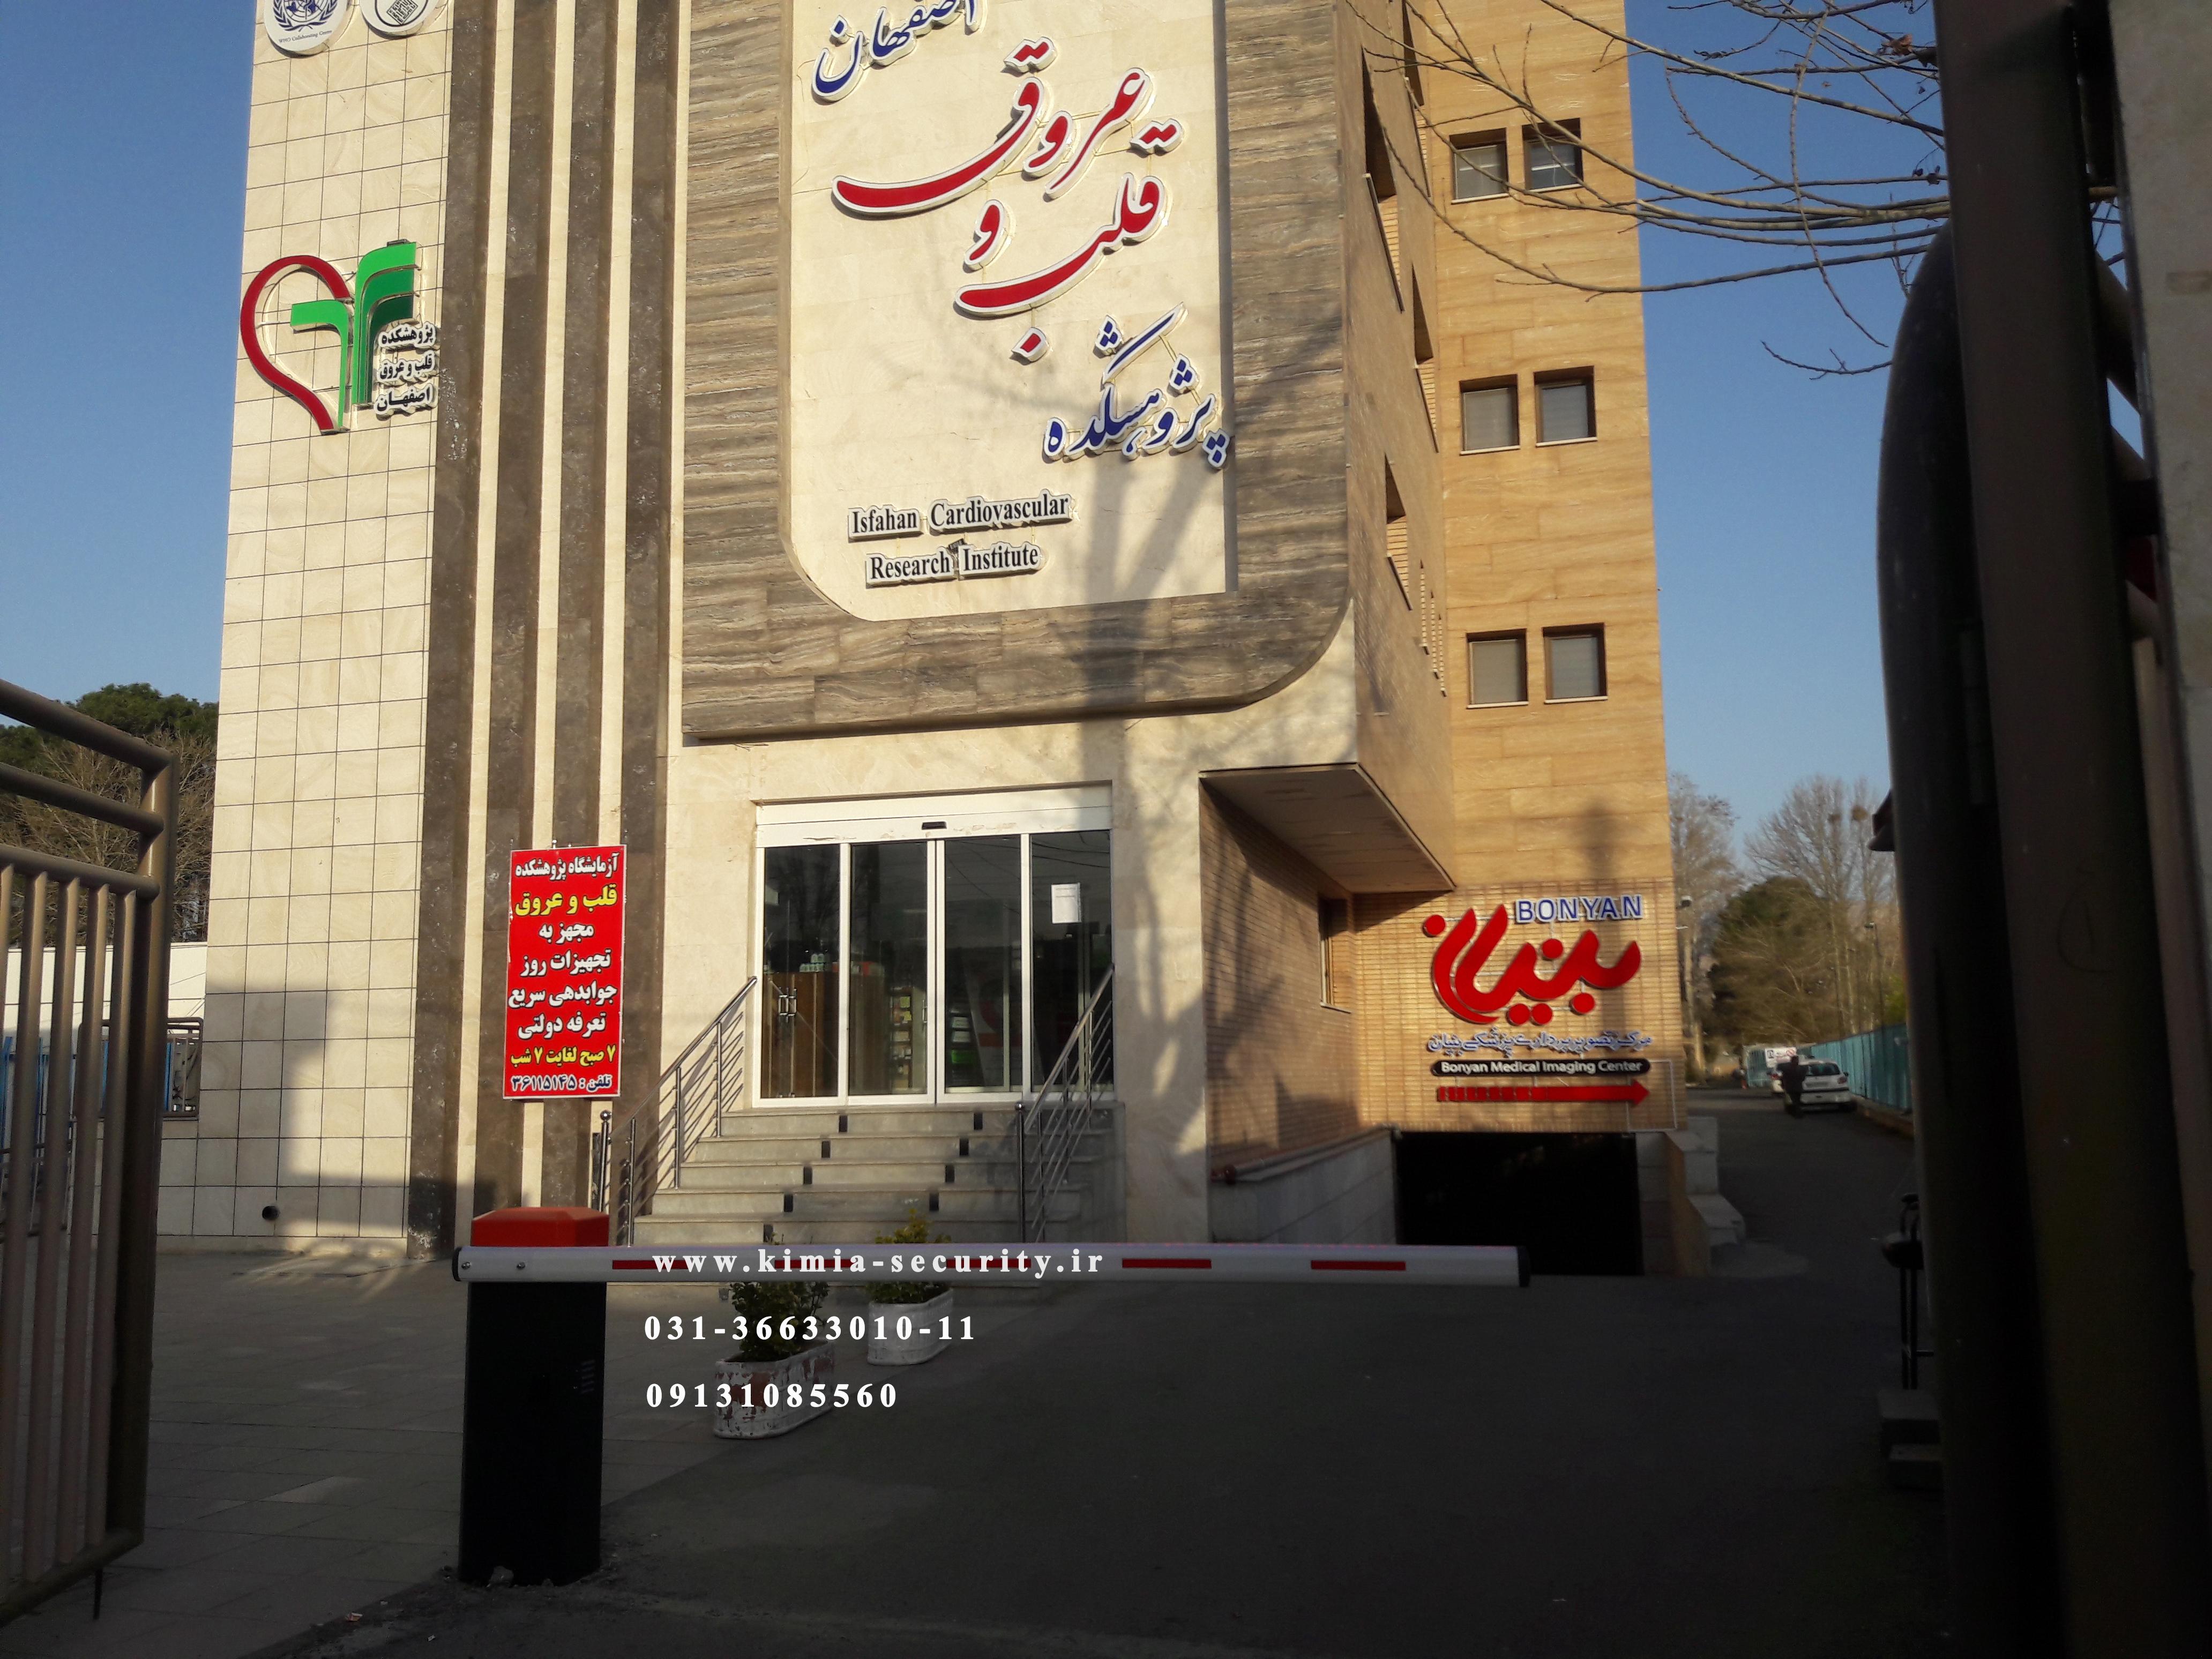 فروش راهبند در اصفهان